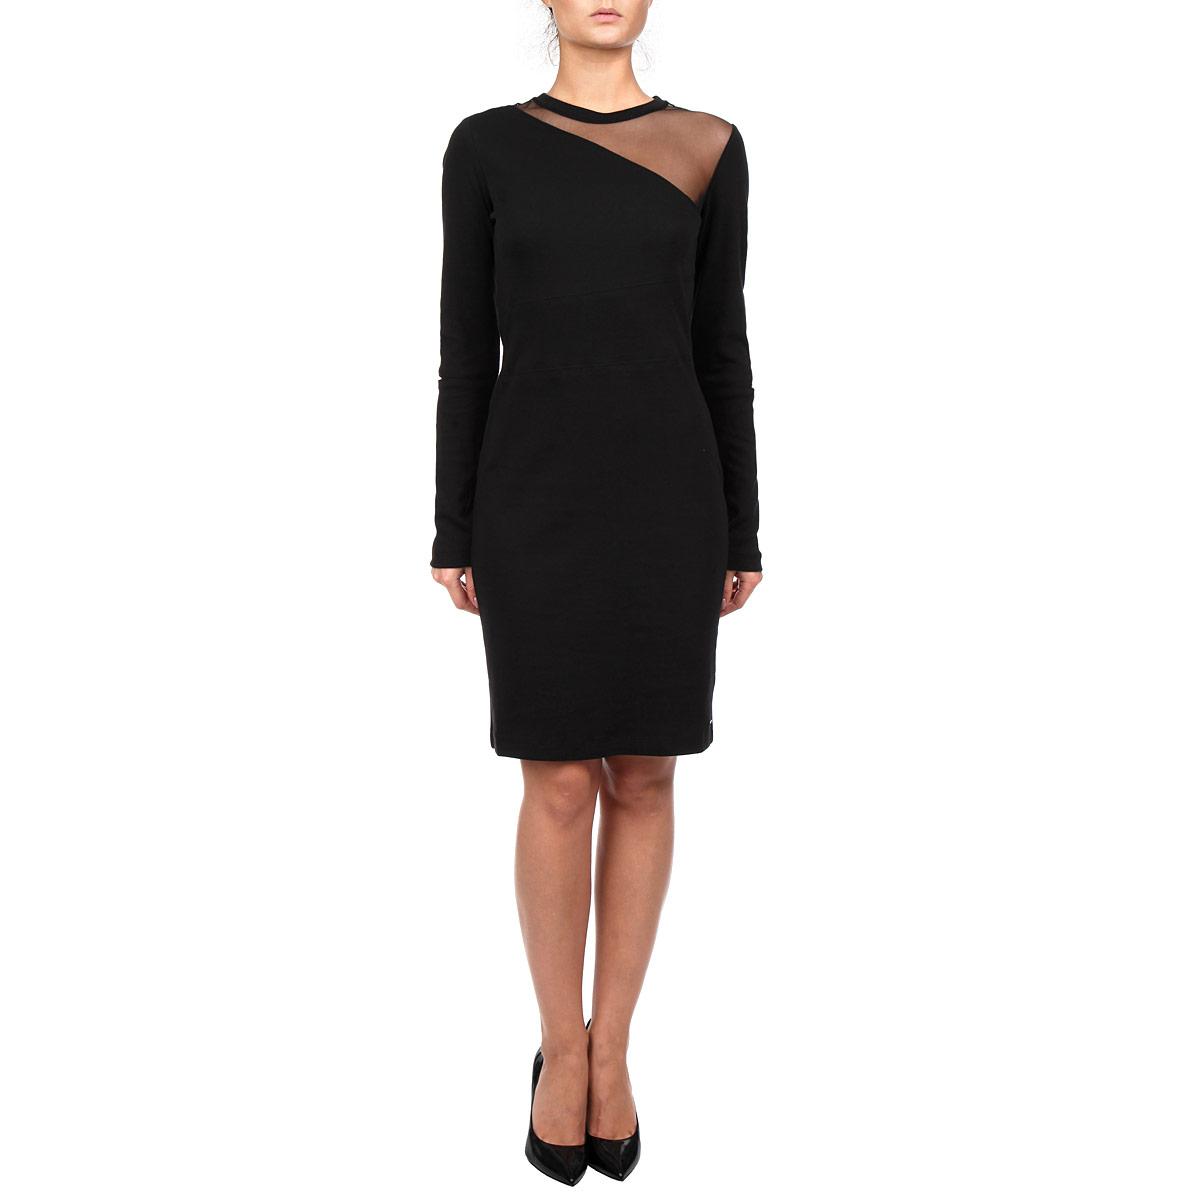 Платье Diesel, цвет: черный. 00SLL7-0QAIN/900. Размер S (44)00SLL7-0QAIN/900Оригинальное платье Diesel изготовлено из высококачественного 100% хлопка. Такое платье обеспечит вам комфорт и удобство при носке.Модель с круглым вырезом горловины и длинными рукавами выгодно подчеркнет все достоинства вашей фигуры, благодаря приталенному силуэту. Платье на одном плече оформлено вставкой из полупрозрачной сетки, а рукава на локтях дополнены прорезями. Изысканное однотонное платье-миди создаст обворожительный и неповторимый образ.Это модное и удобное платье станет превосходным дополнением к вашему гардеробу, оно подарит вам удобство и поможет вам подчеркнуть свой вкус и неповторимый стиль.